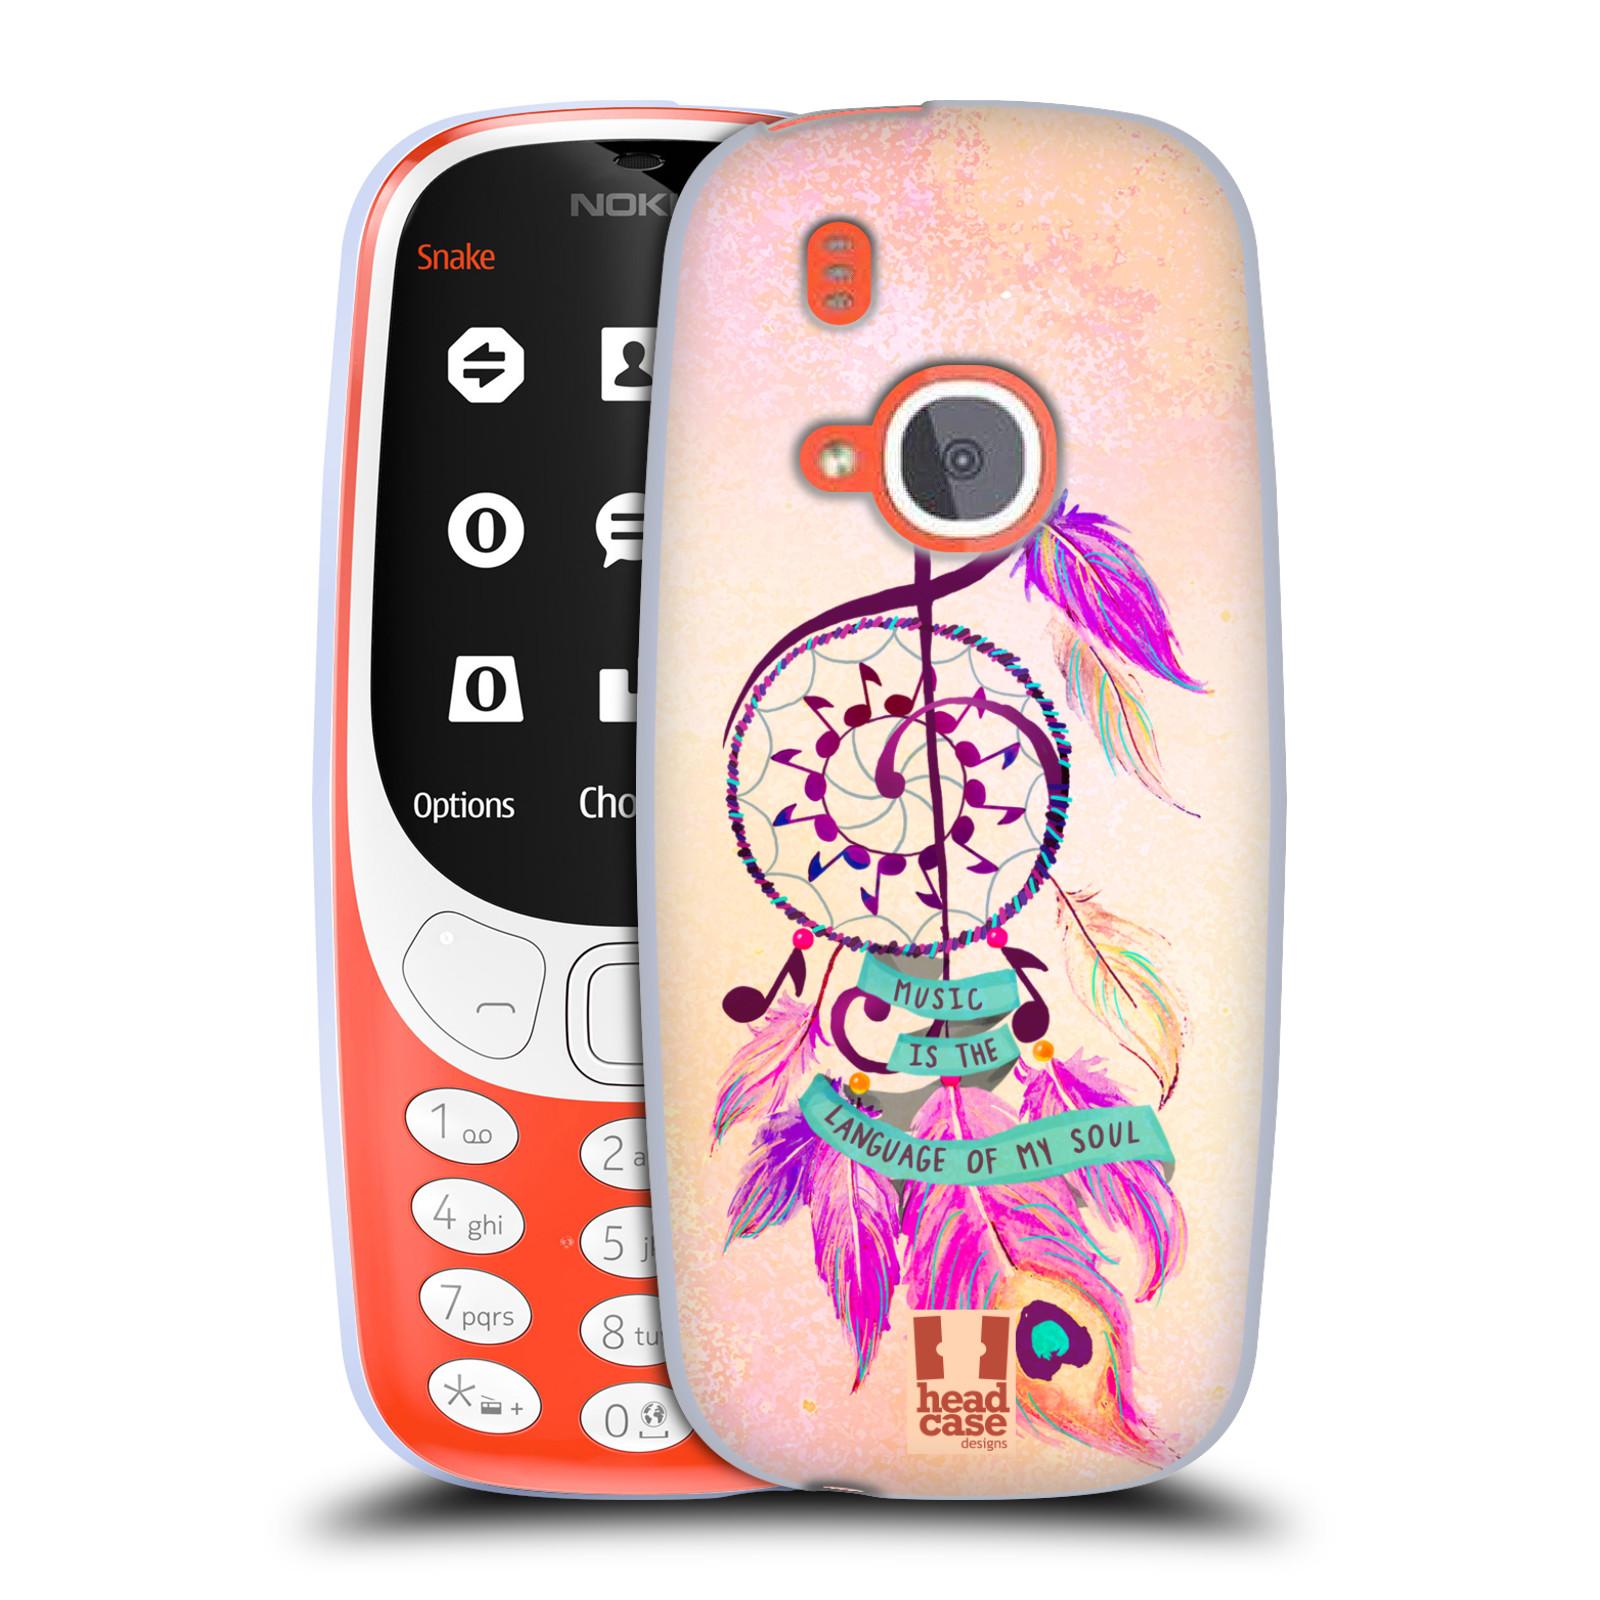 Silikonové pouzdro na mobil Nokia 3310 - Head Case - Lapač Assorted Music